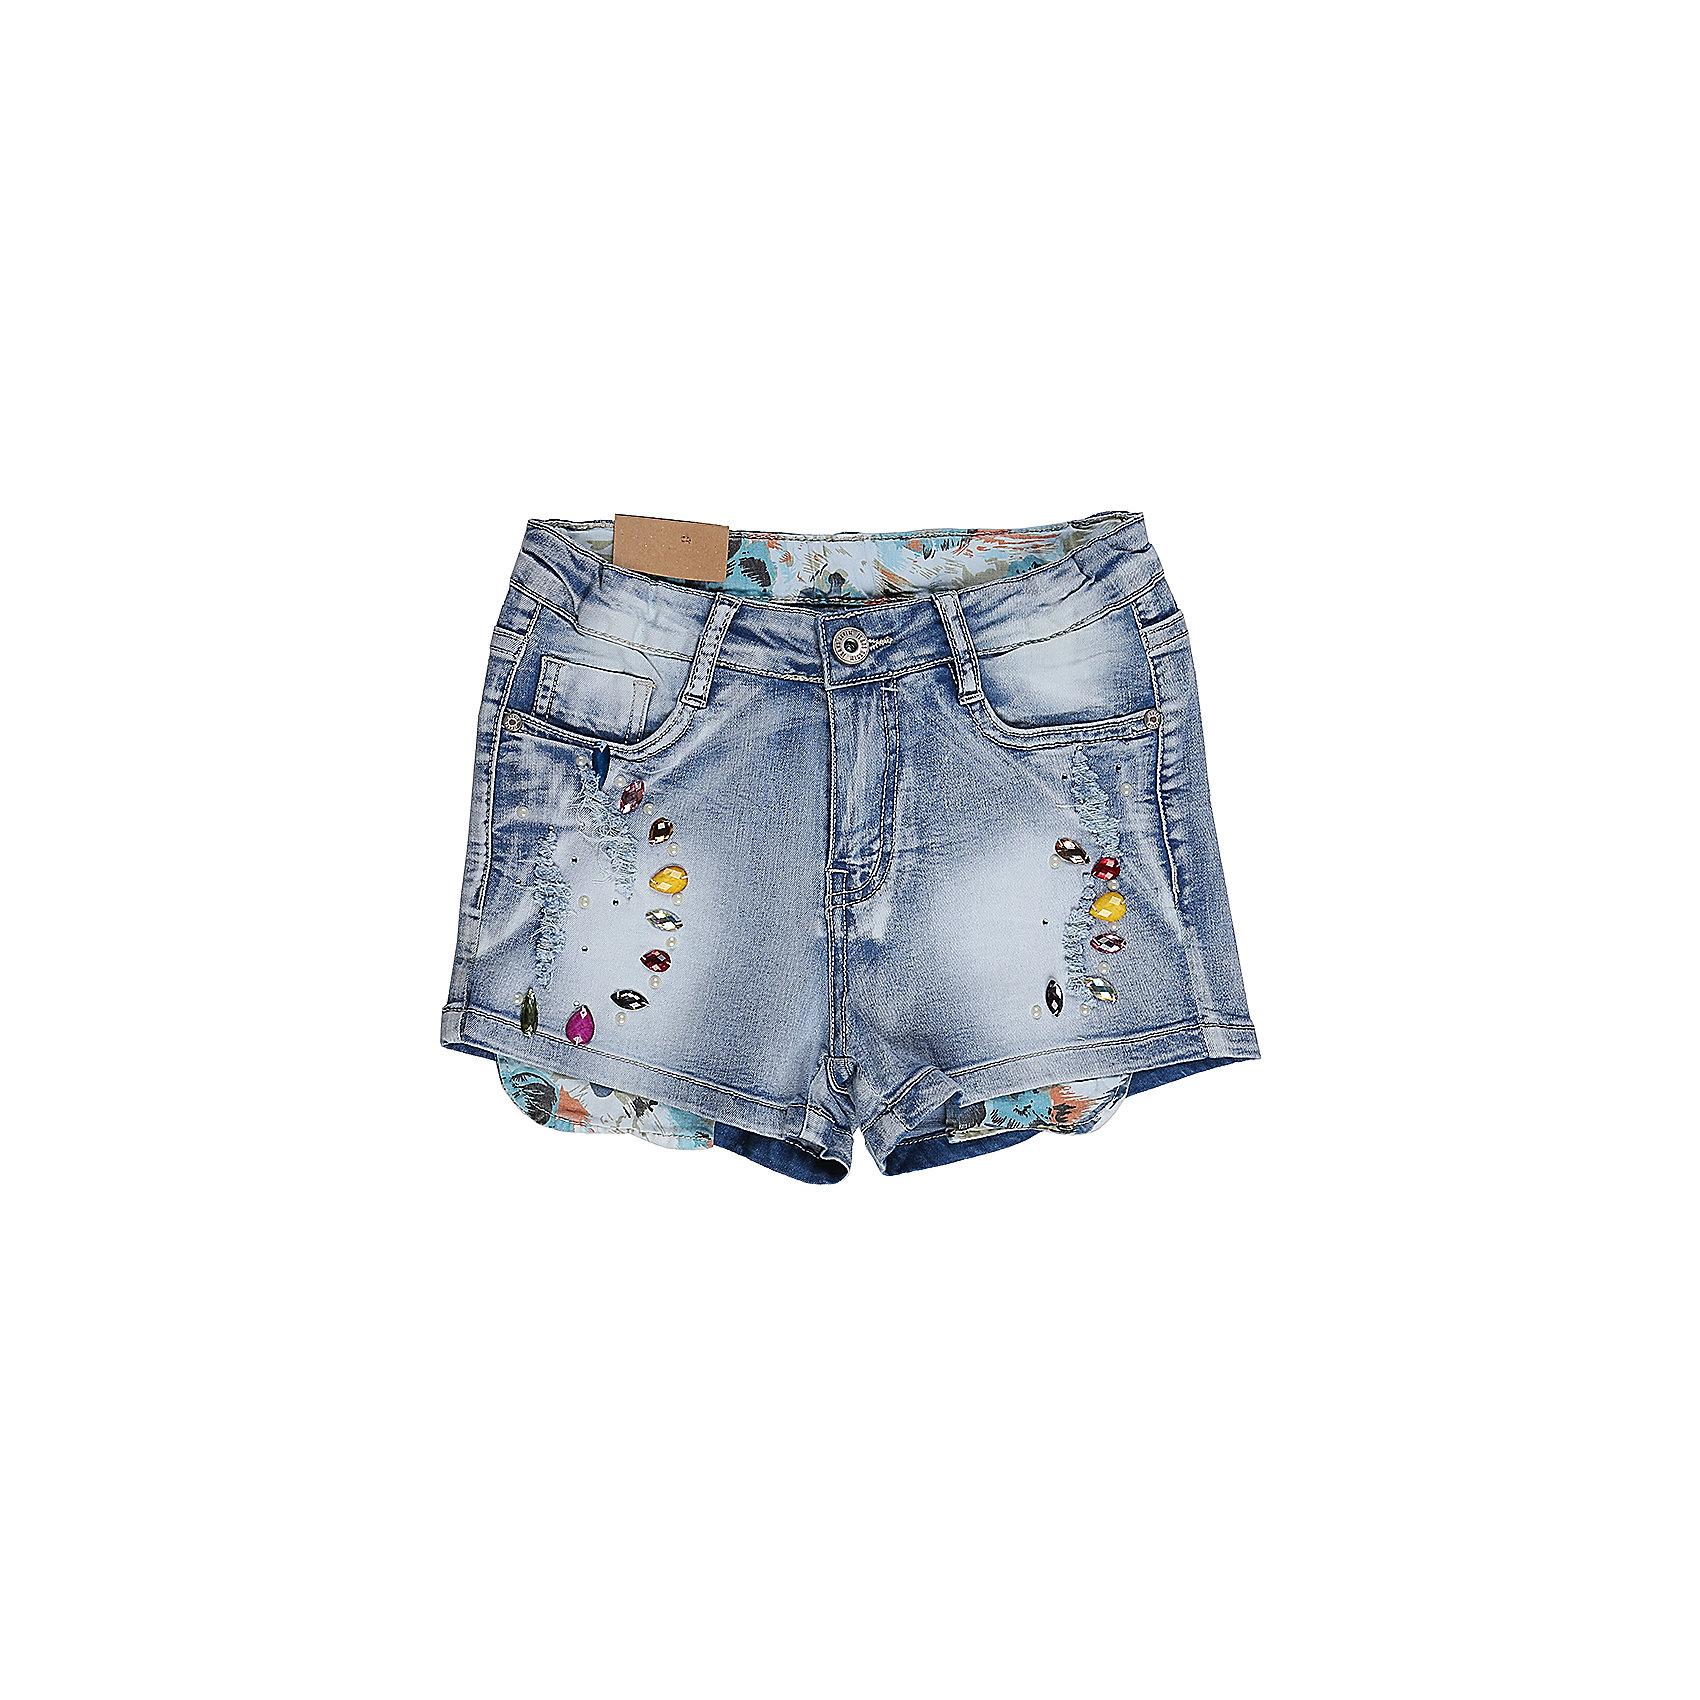 Шорты джинсовые для девочки LuminosoДжинсовая одежда<br>Джинсовые шорты для девочки Декорированые крупными стразами. Застегиваются на молнию и пуговицу.  В боковой части пояса находятся вшитые эластичные ленты, регулирующие посадку по талии.<br>Состав:<br>98%хлопок 2%эластан<br><br>Ширина мм: 191<br>Глубина мм: 10<br>Высота мм: 175<br>Вес г: 273<br>Цвет: голубой<br>Возраст от месяцев: 108<br>Возраст до месяцев: 120<br>Пол: Женский<br>Возраст: Детский<br>Размер: 140,134,164,158,152,146<br>SKU: 5413739